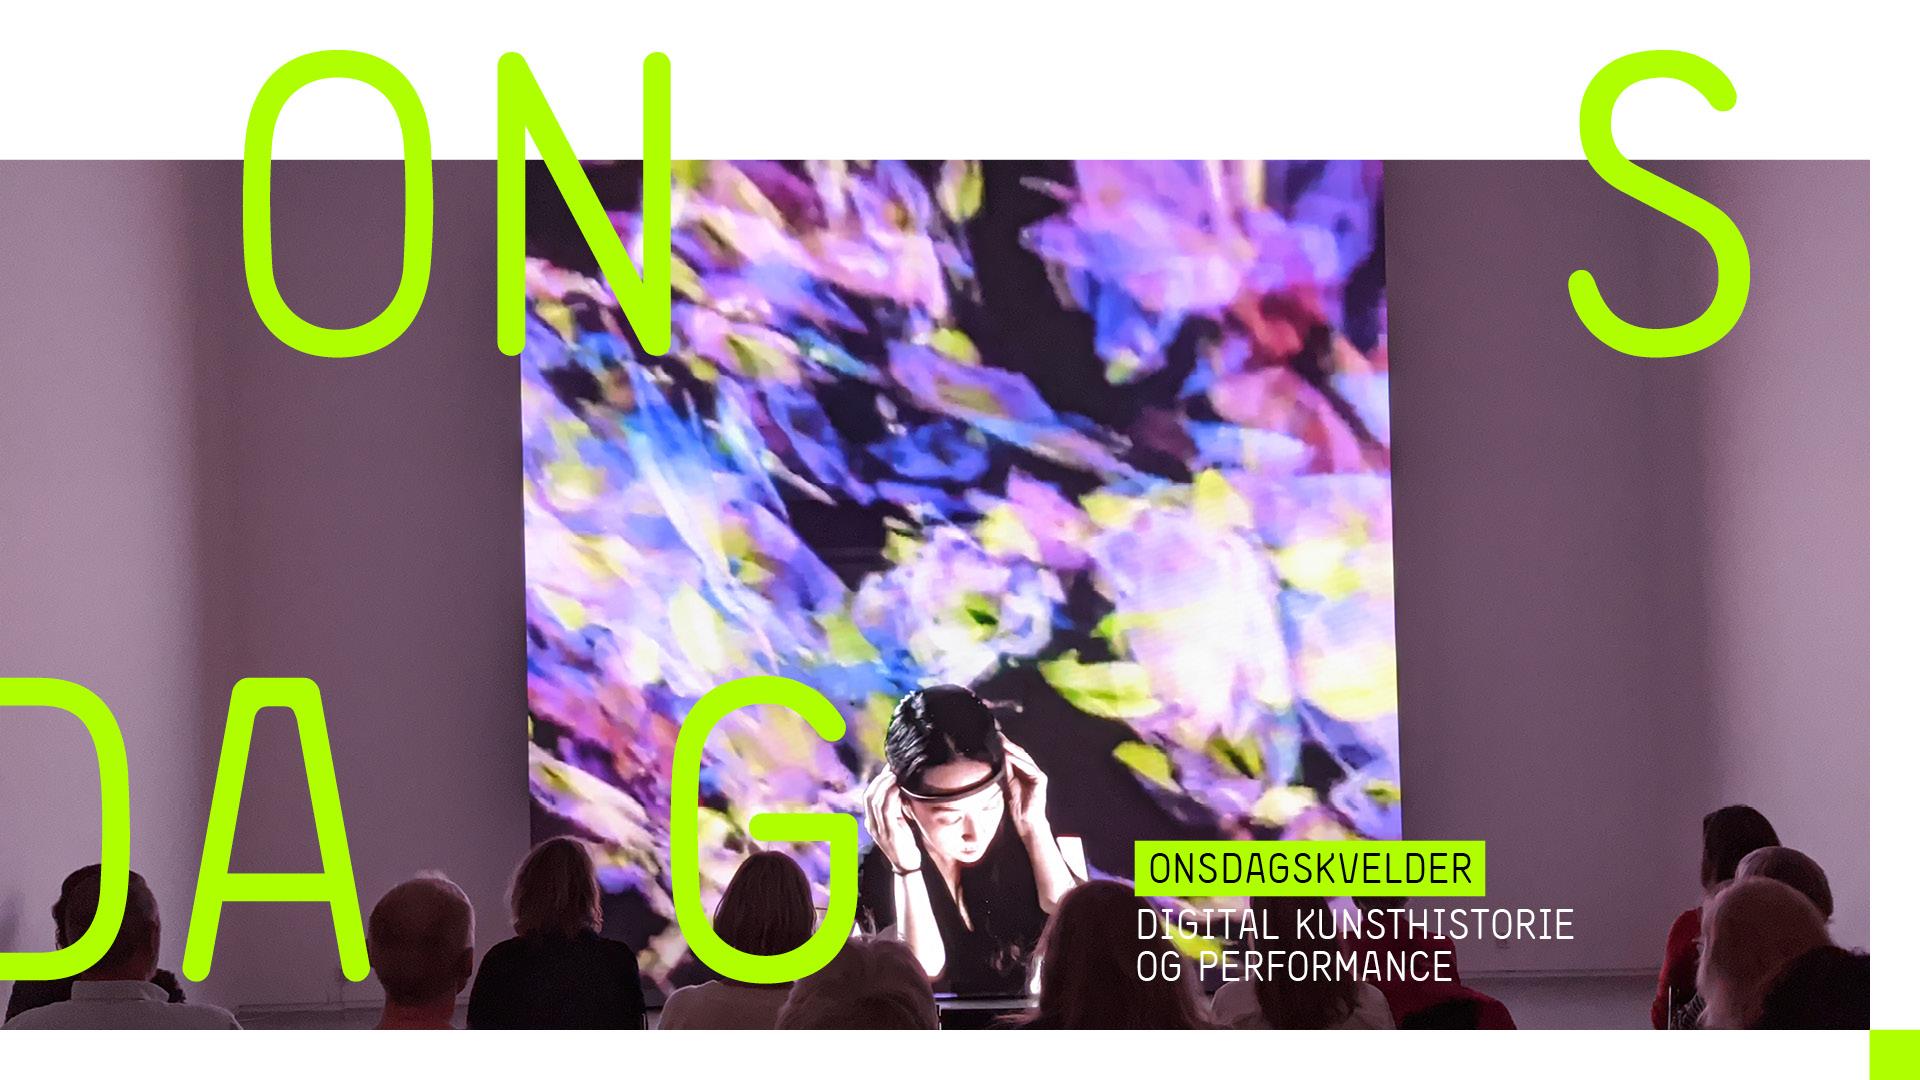 sørlandets kunstmuseum performance sougwen chung foredrag digital kunsthistorie carla rapaport lumen prize